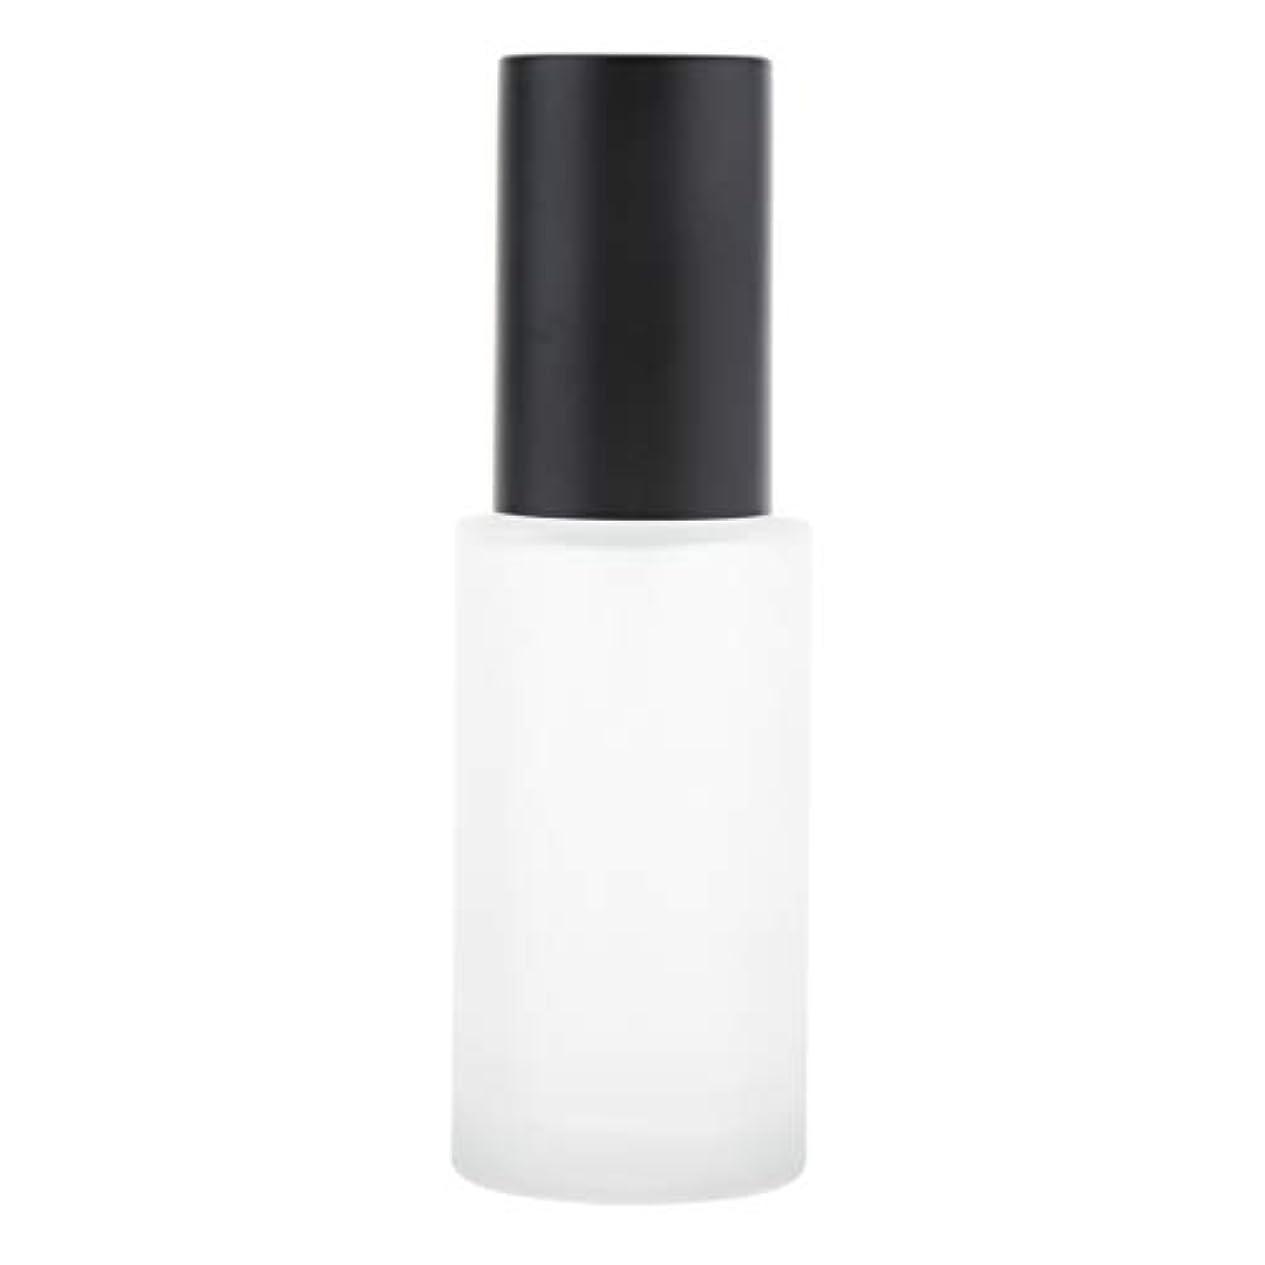 慢ハーブToygogo ポンプボトル ローションボトル ポンプびん 詰め替え式 ガラス 全3種選択でき